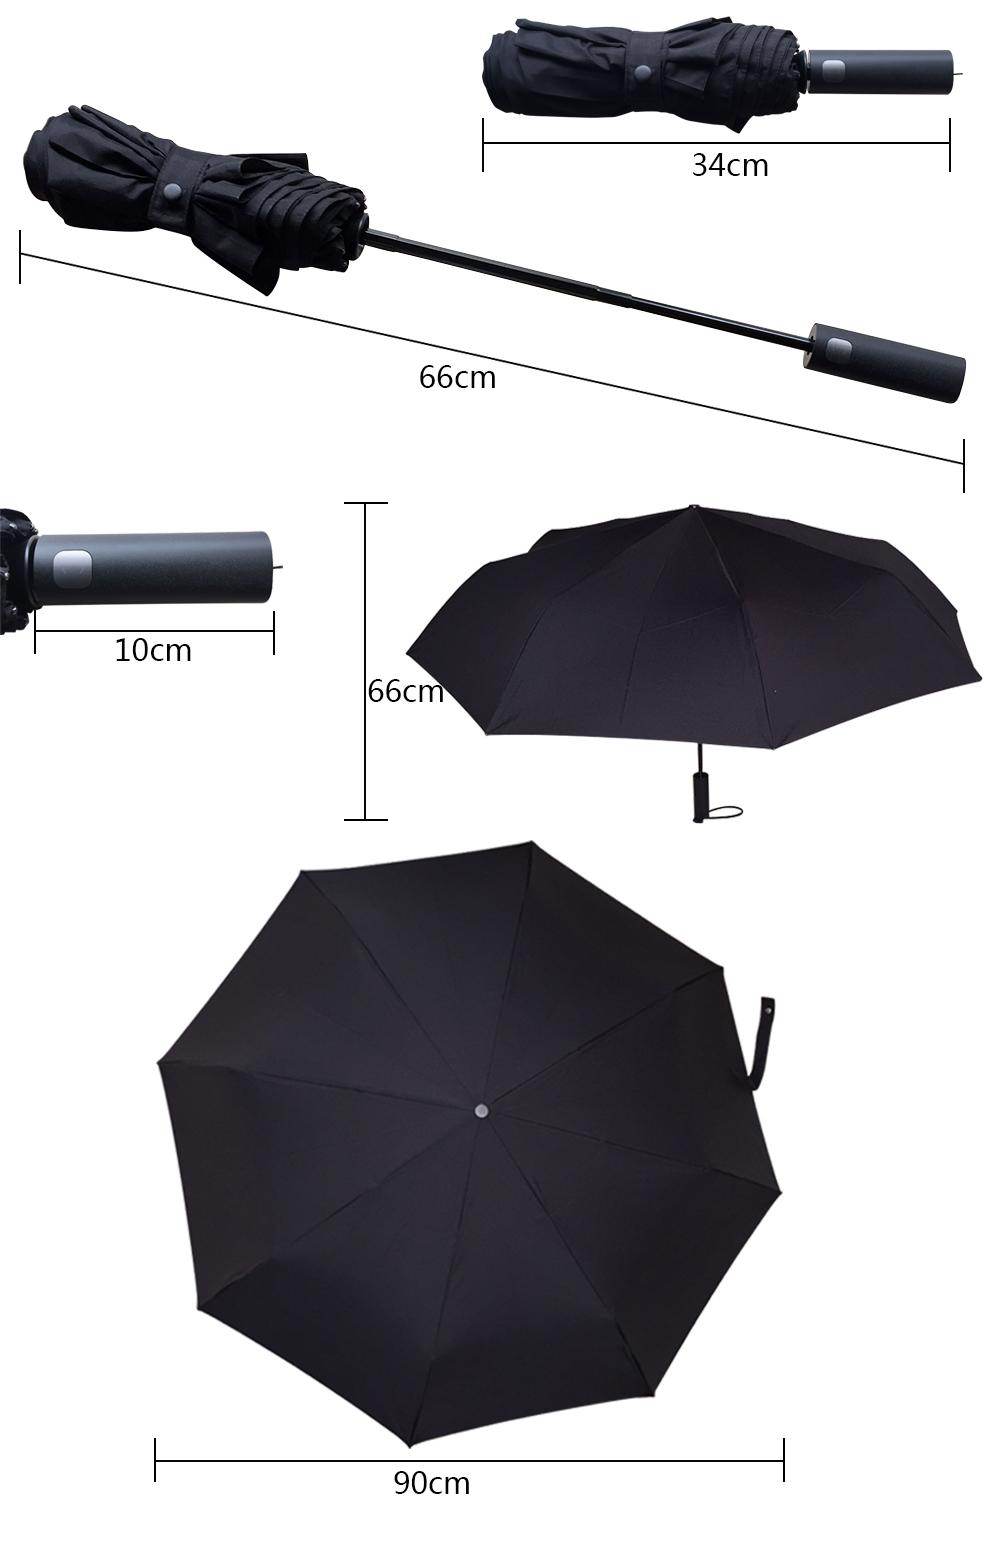 xiaomi Mijia Umbrella (13)